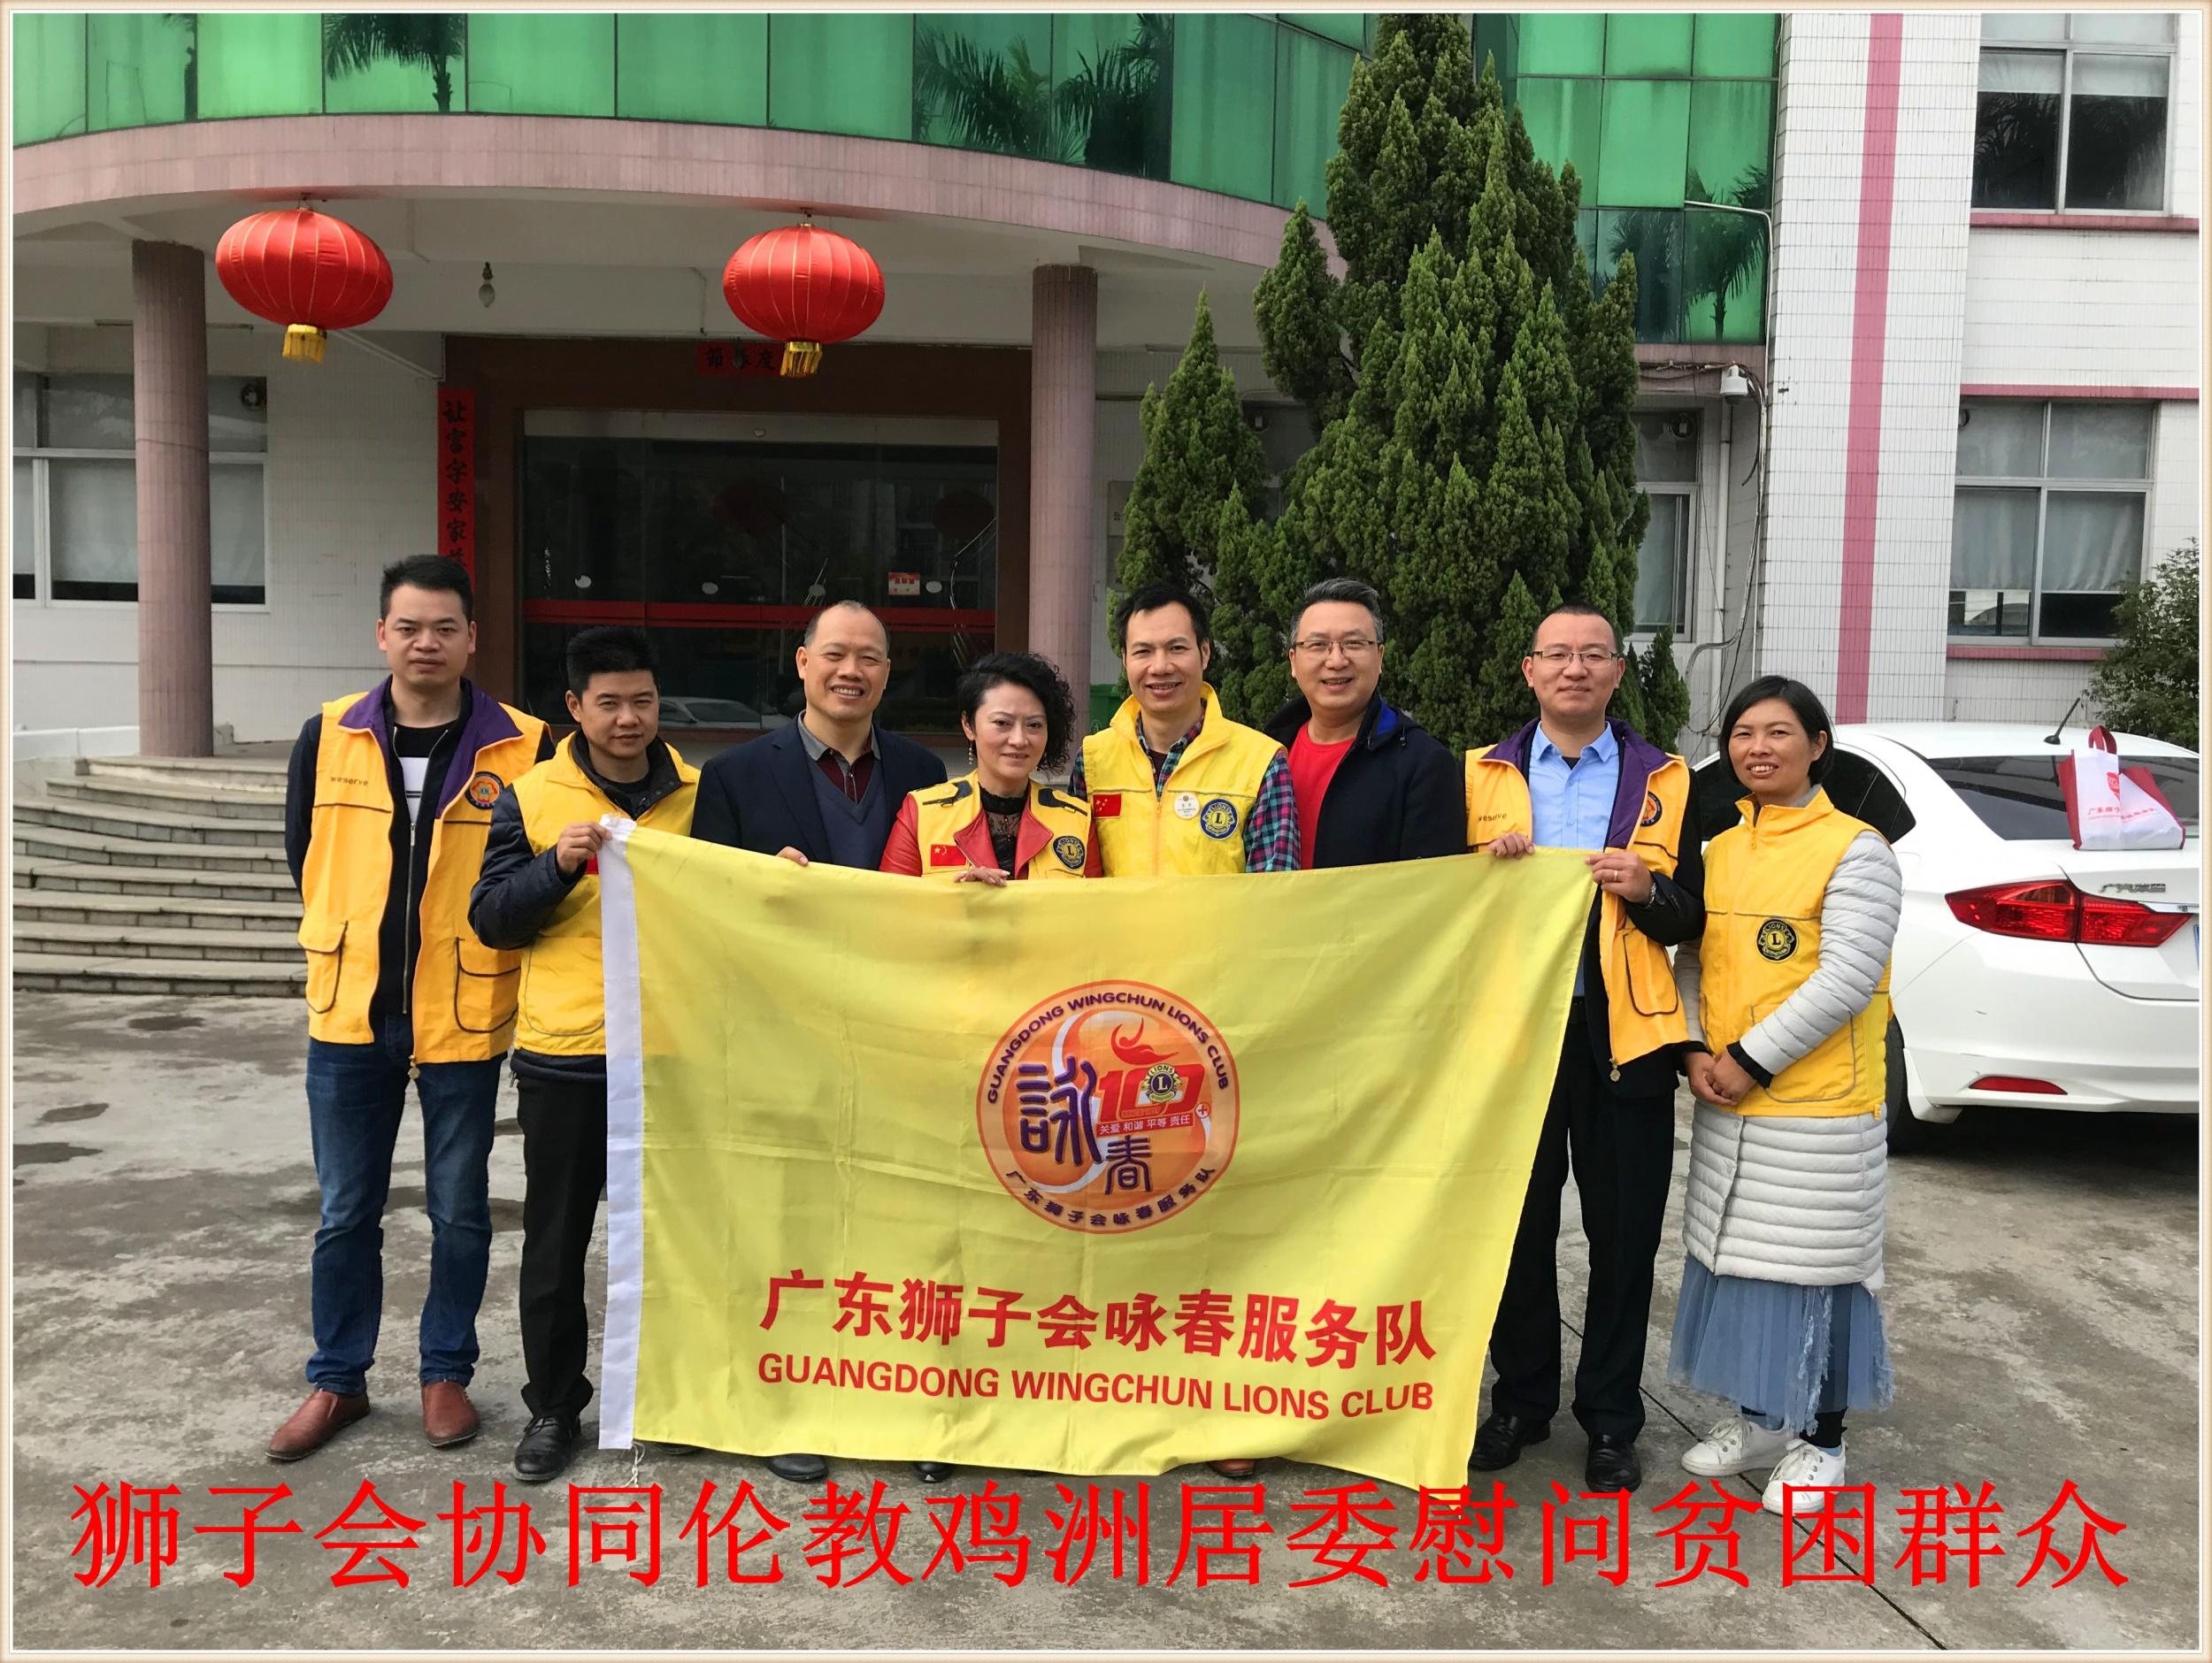 联萌科技总经理蒋东参加狮子会伦教鸡洲慰问贫困群众慈善活动